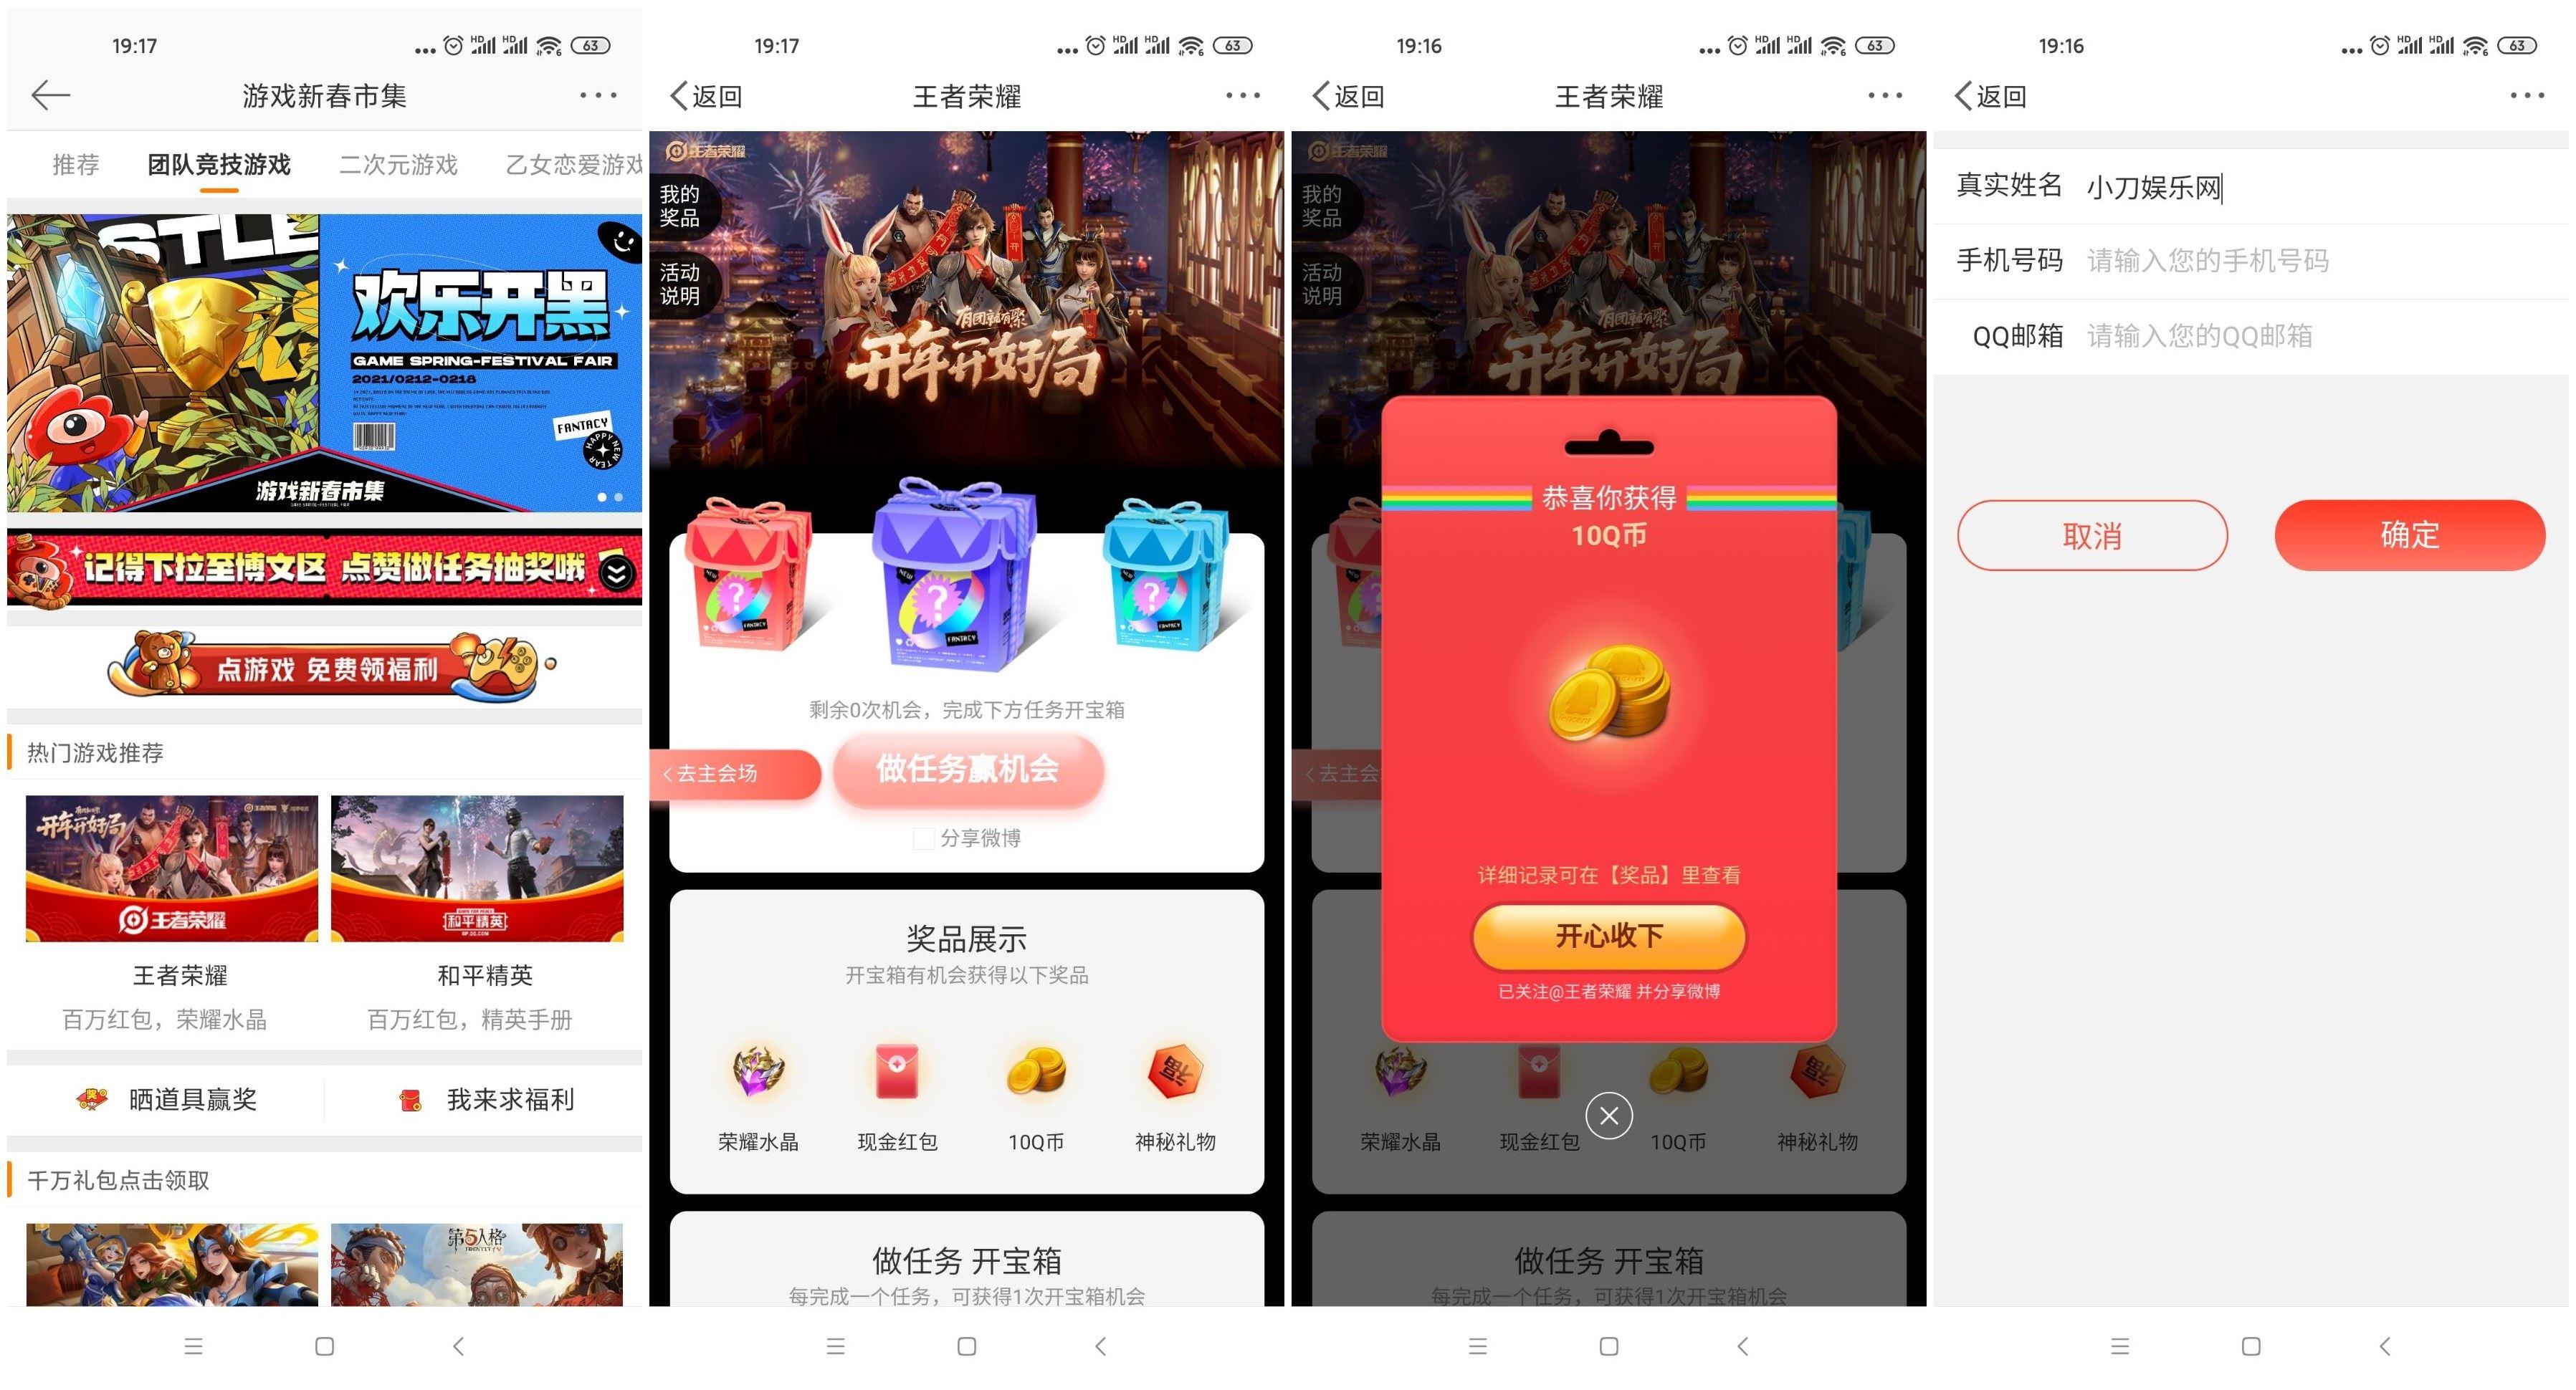 微博游戏新春市集抽Q币红包